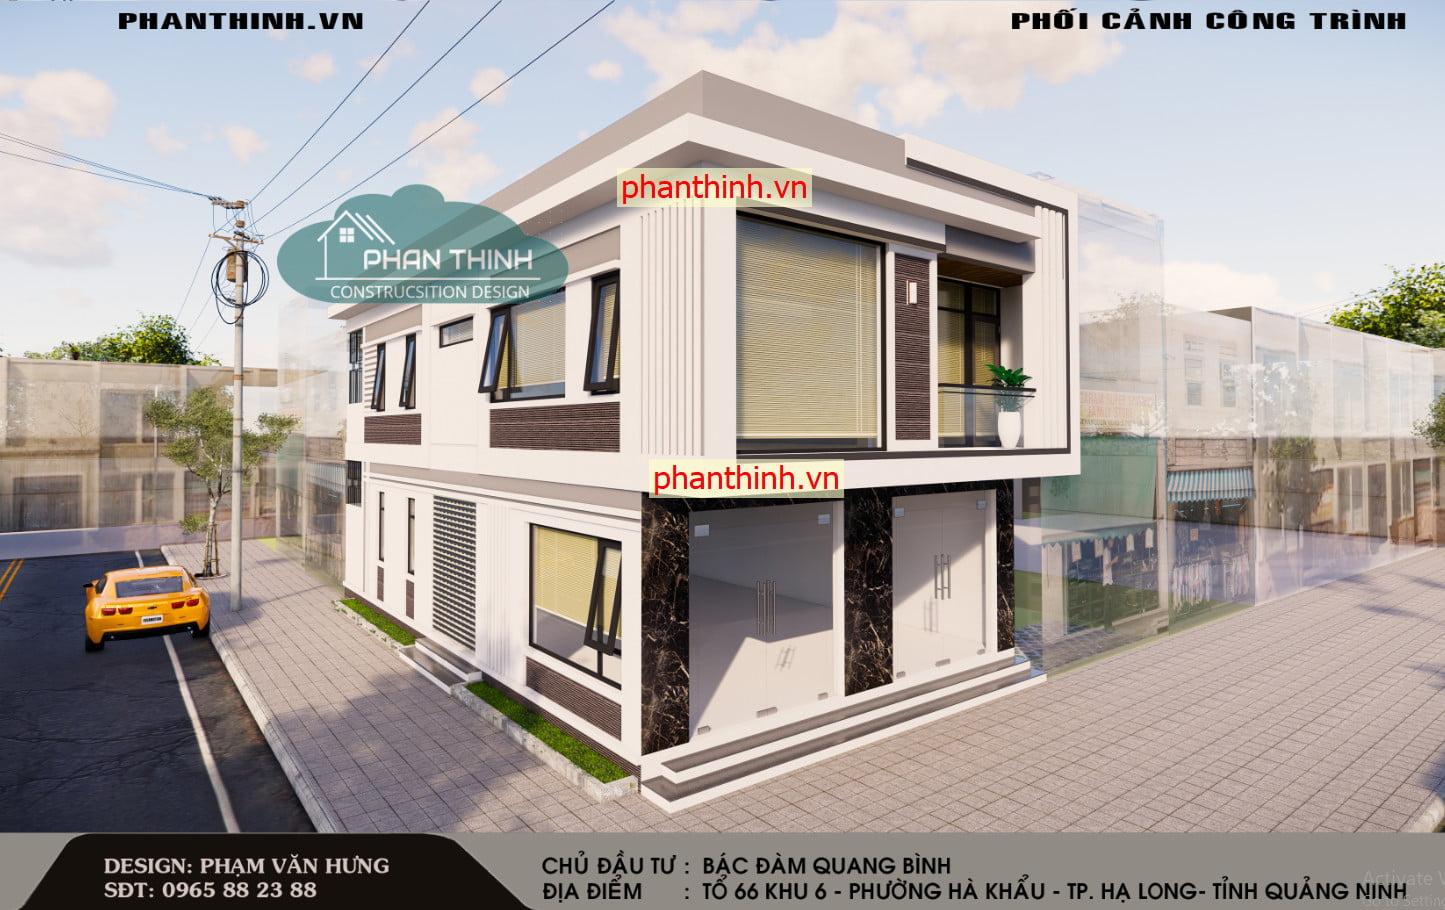 File cad bản thiết kế nhà 2 tầng đẹp